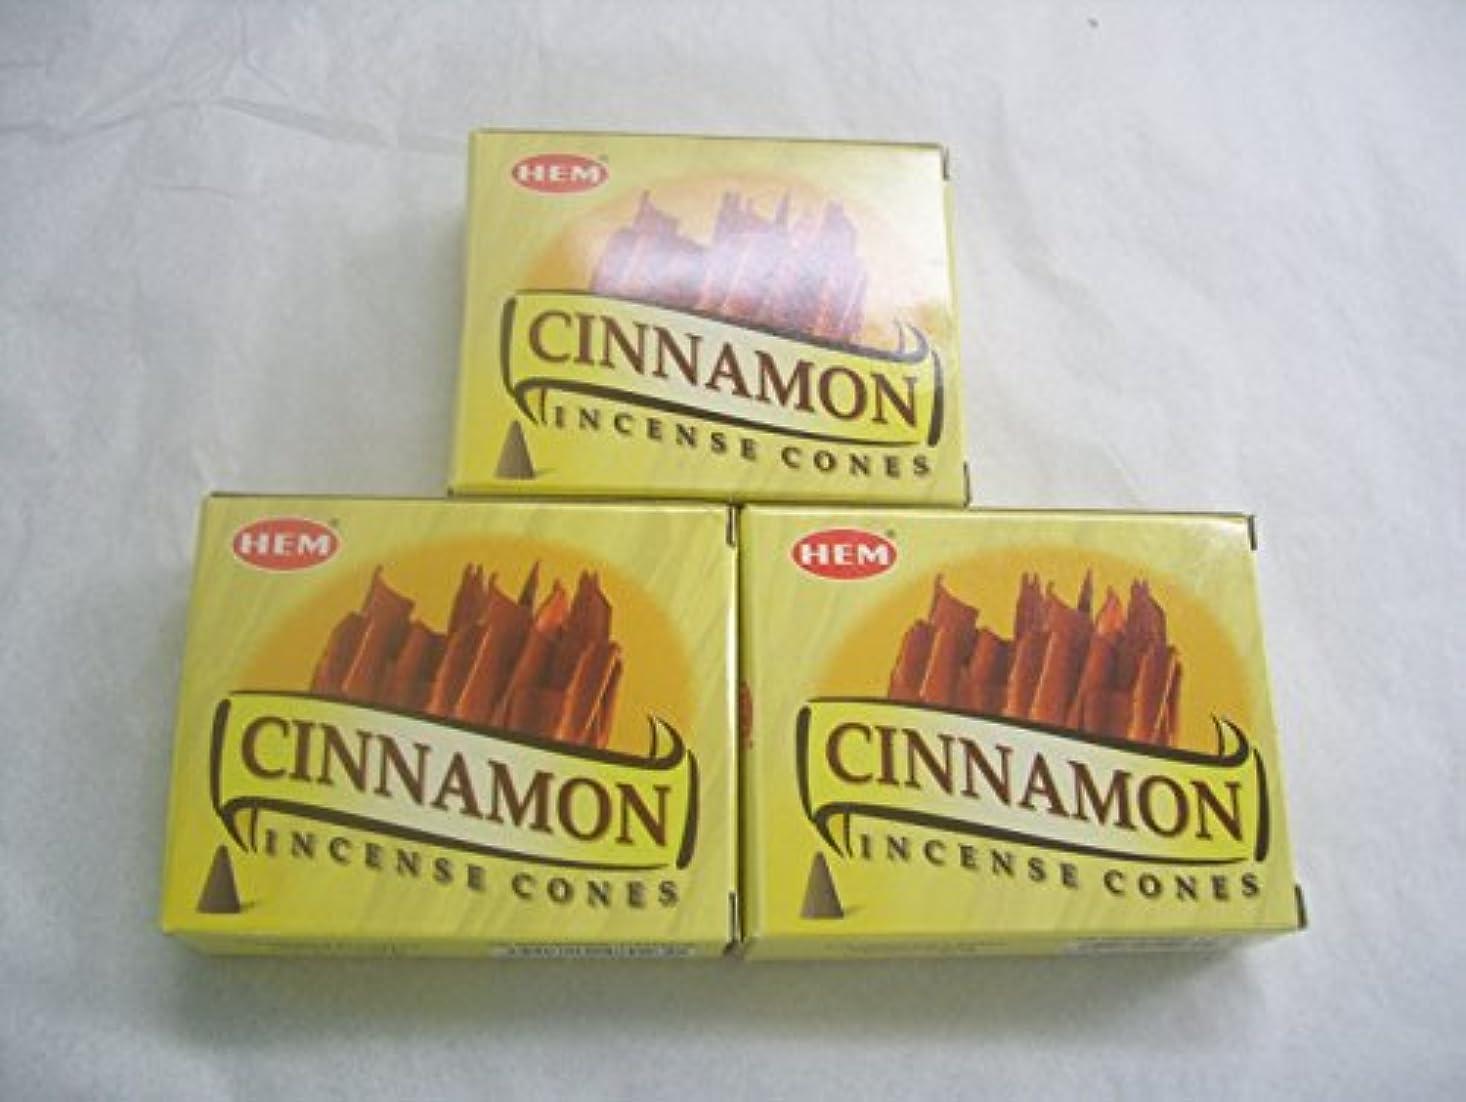 バイソン野心司法Hemシナモン香コーン、3パックの10 Cones = 30 Cones